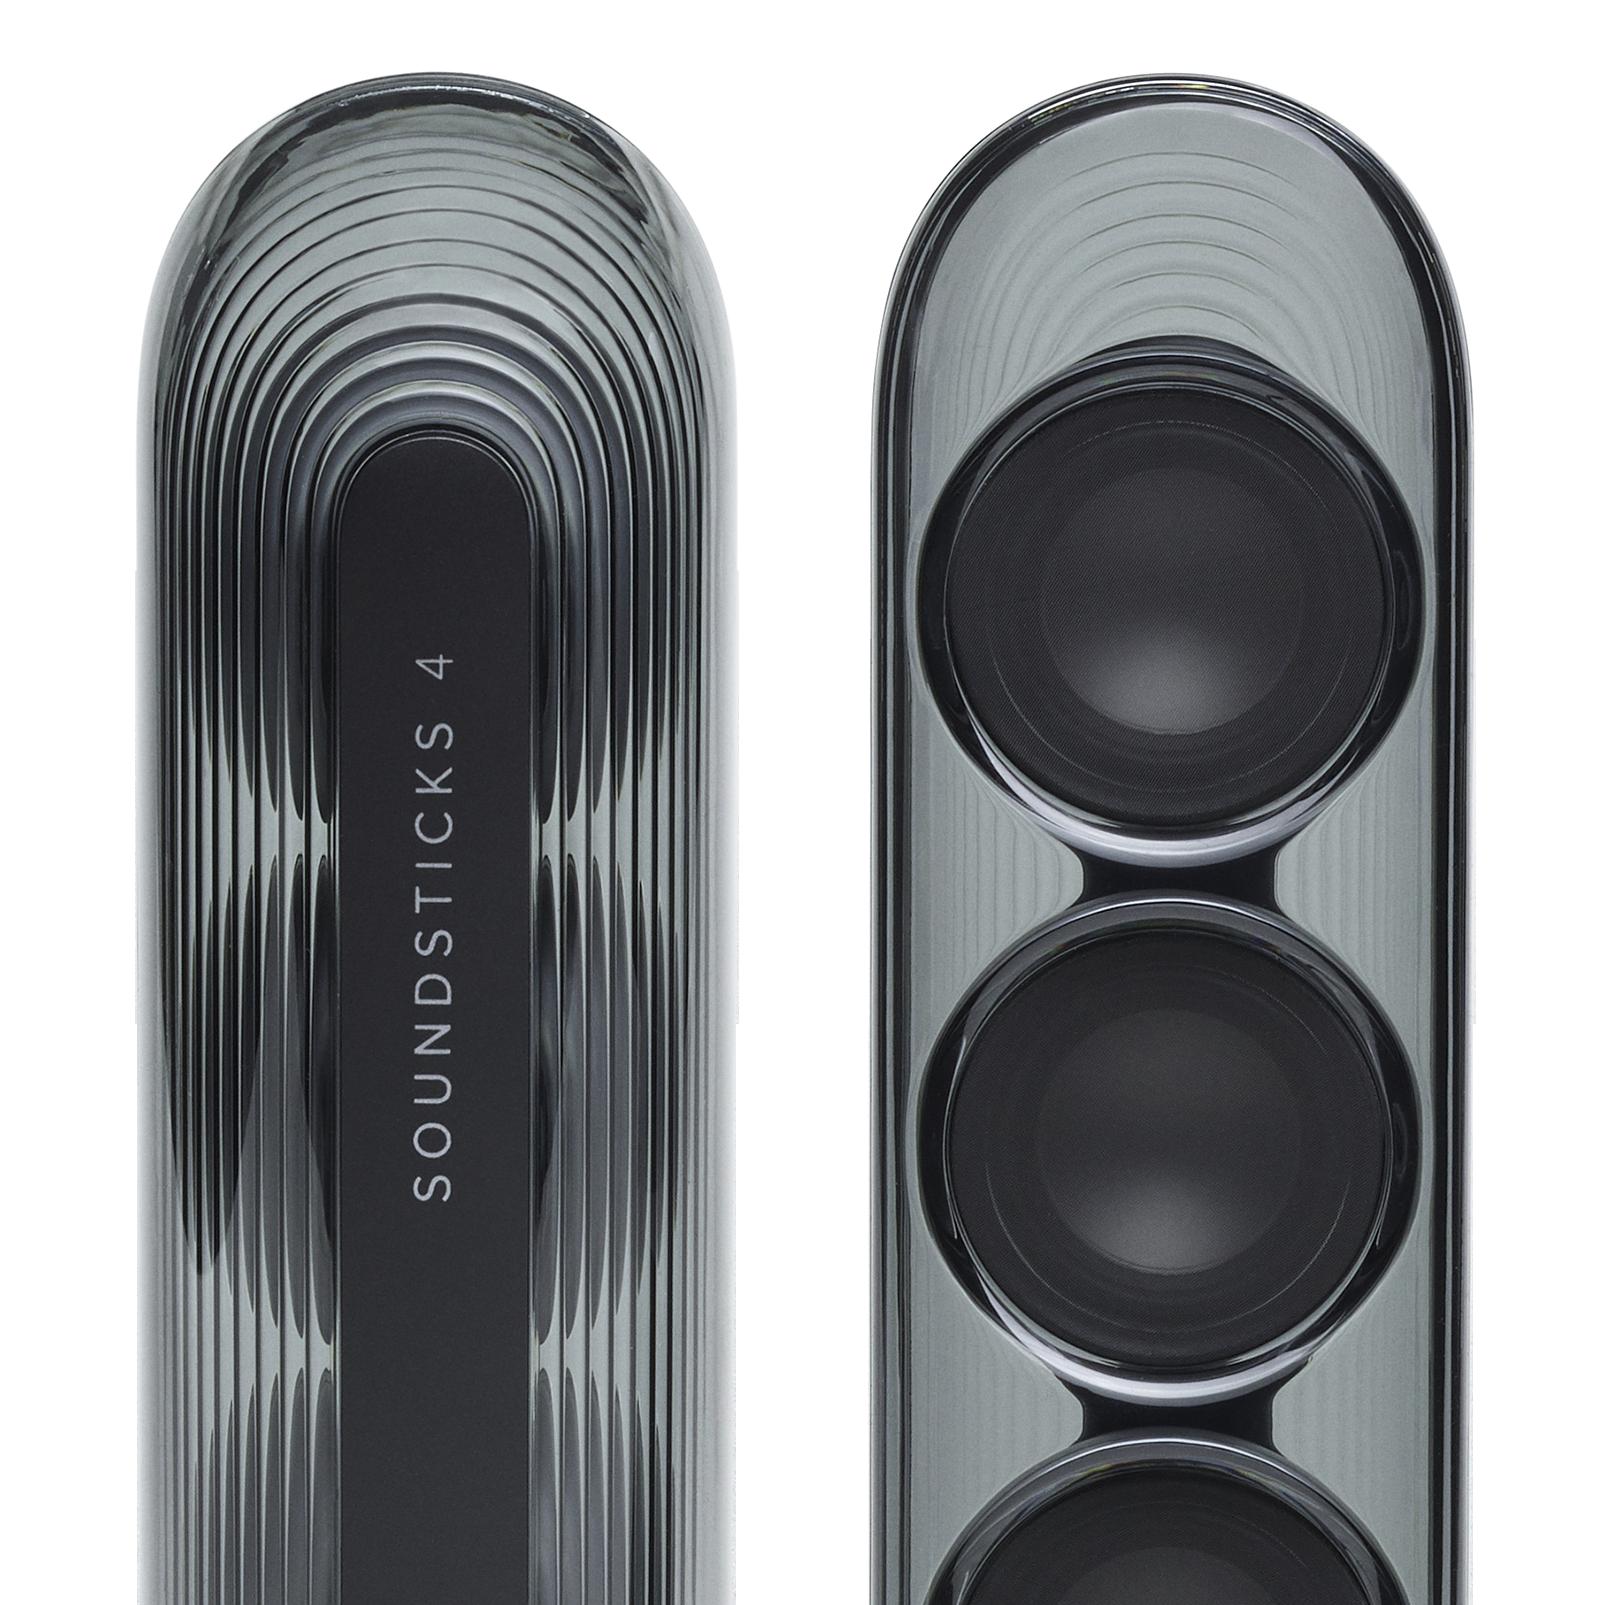 Harman Kardon SoundSticks 4 - Black - Bluetooth Speaker System - Detailshot 4